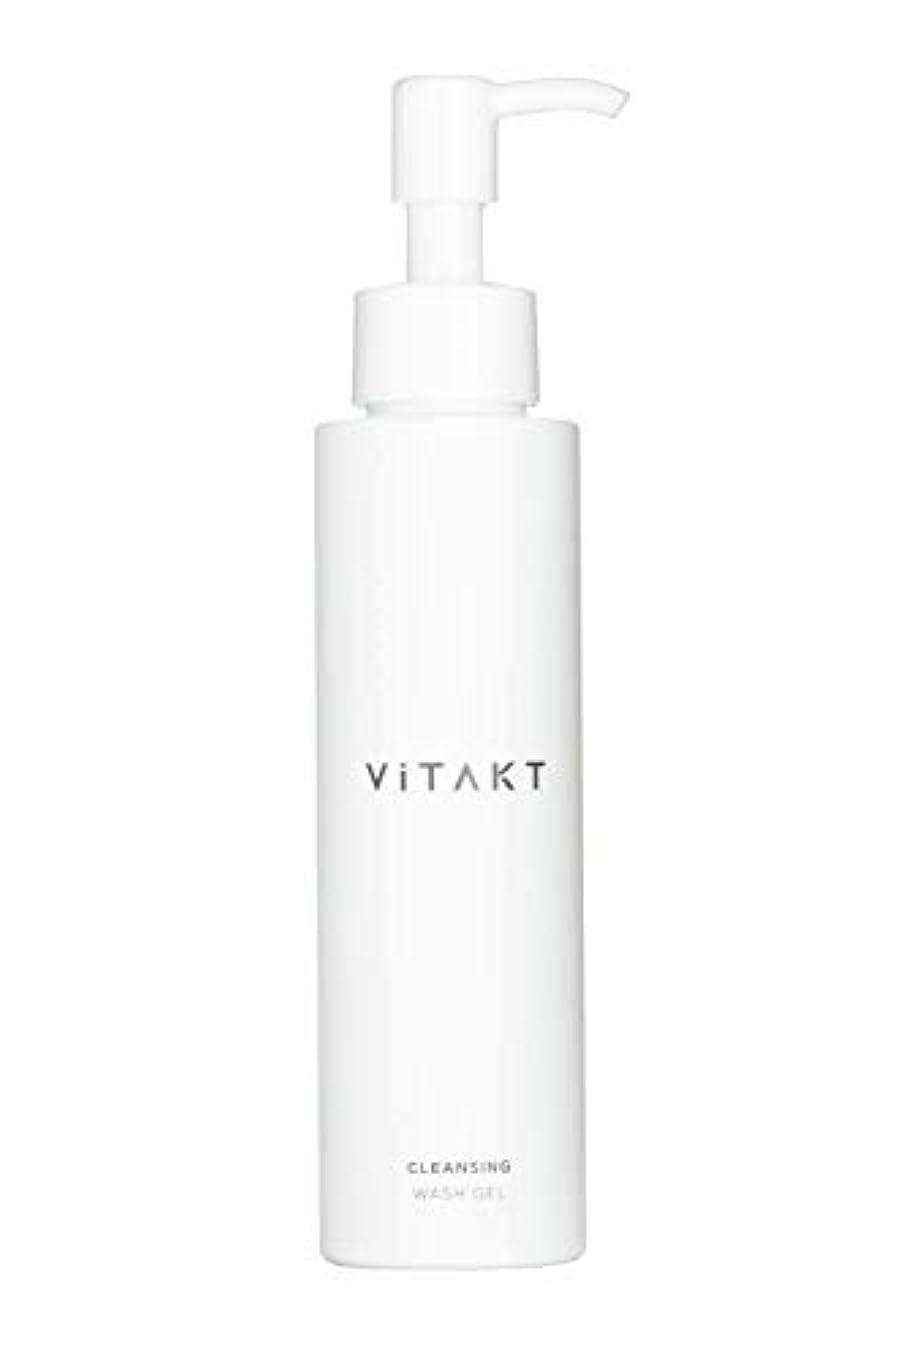 冗談でどれでも他のバンドでヴィタクト ViTAKT クレンジングウォッシュジェル (洗顔 + メイク落とし/W洗顔不要) 無添加 まつエク対応 (120mL)